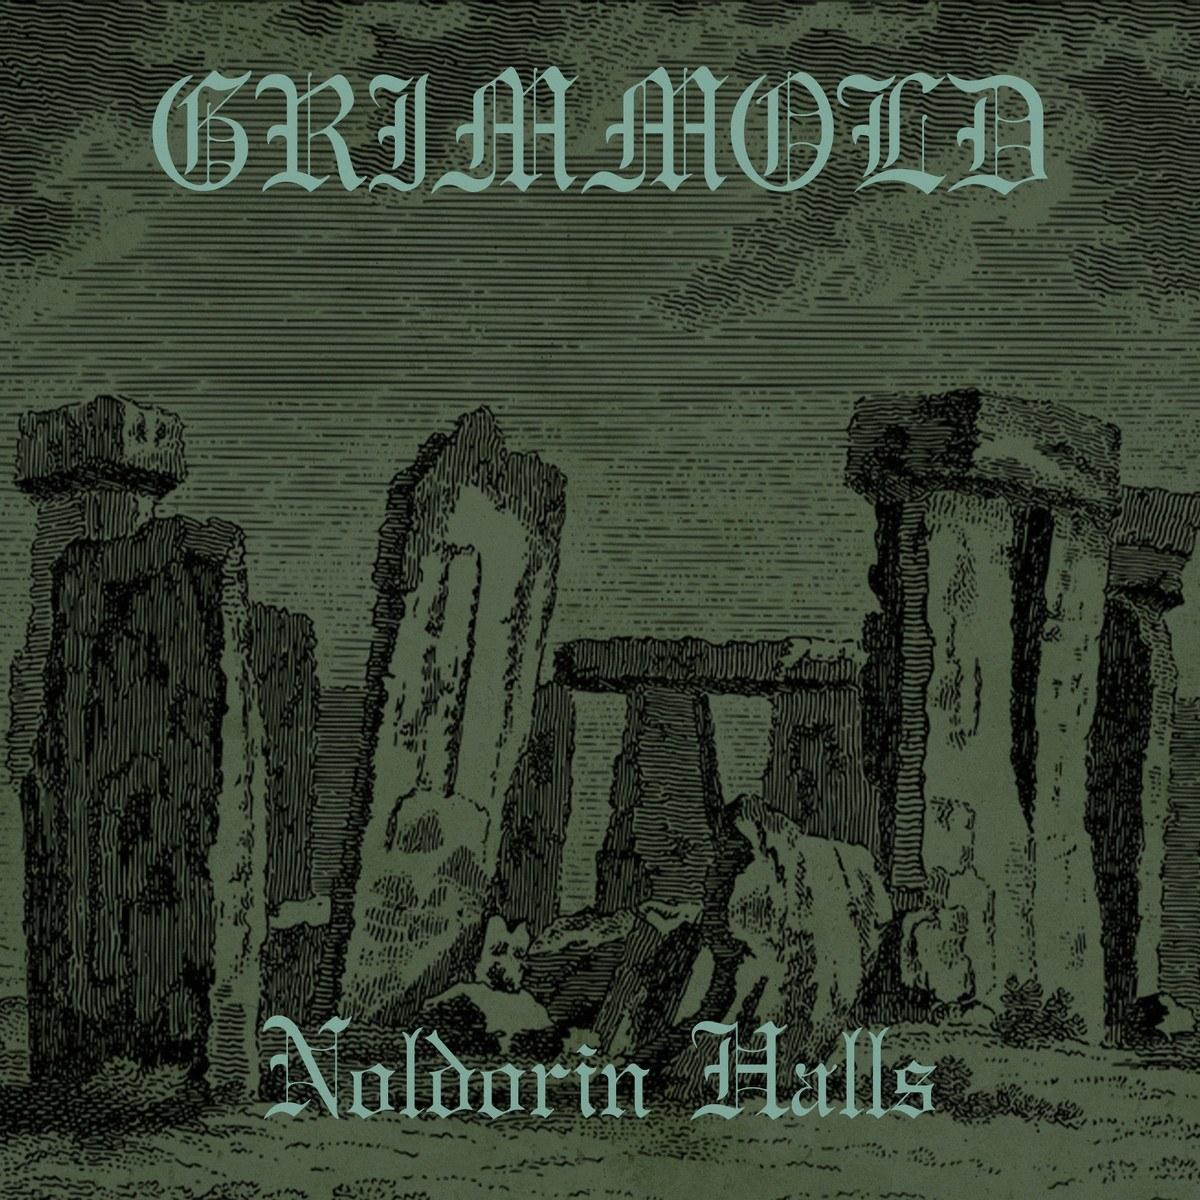 Grîmmöld - Noldorin Halls